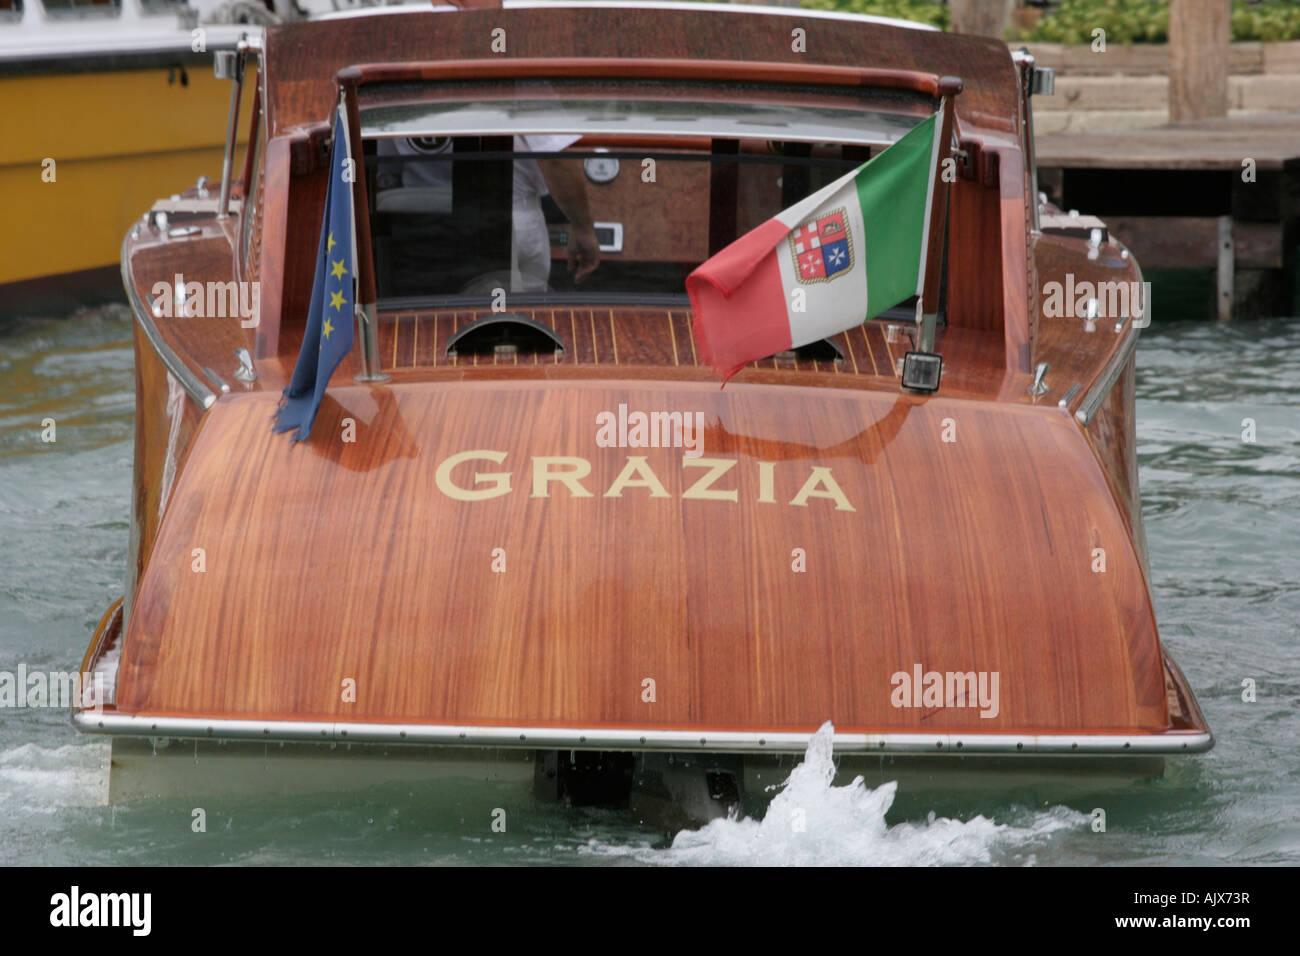 italian water taxi grazia stock photo 14823130 alamy